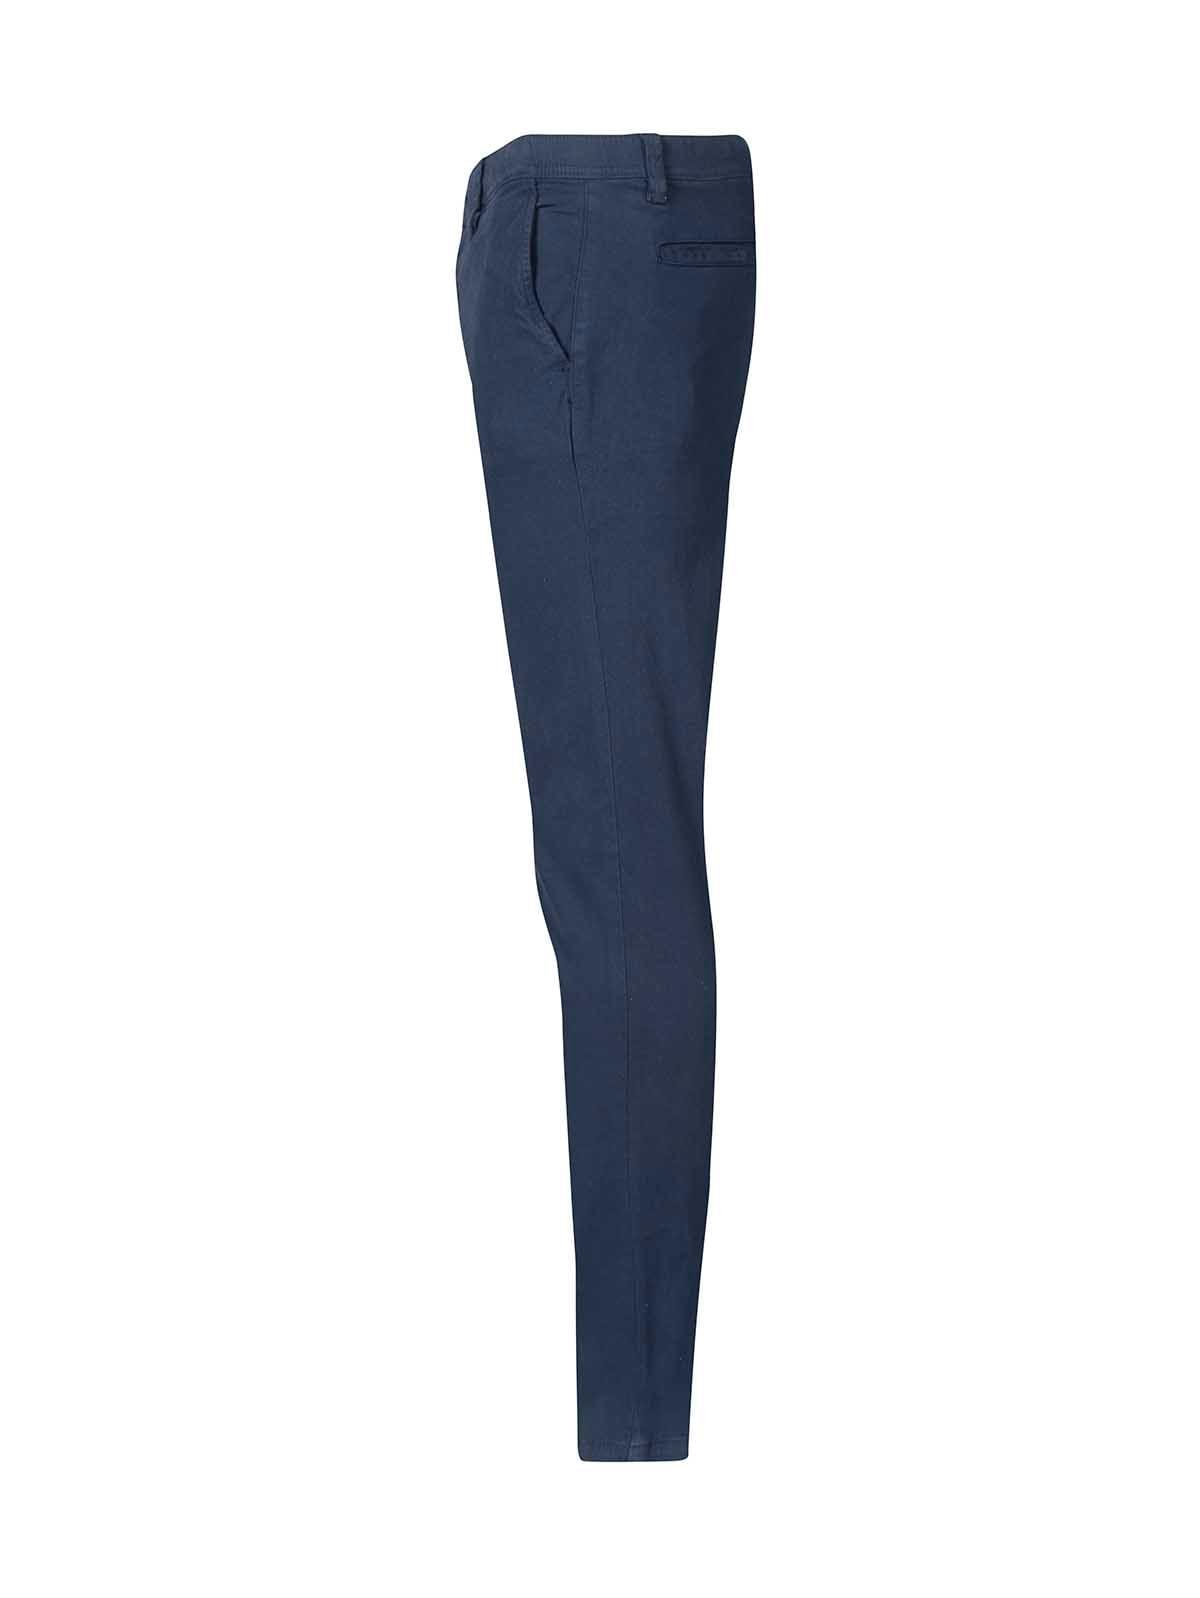 Pantalon Tipo Chino Unicolor Slim Fit Para Hombre Freedom 00724 Arturo Calle